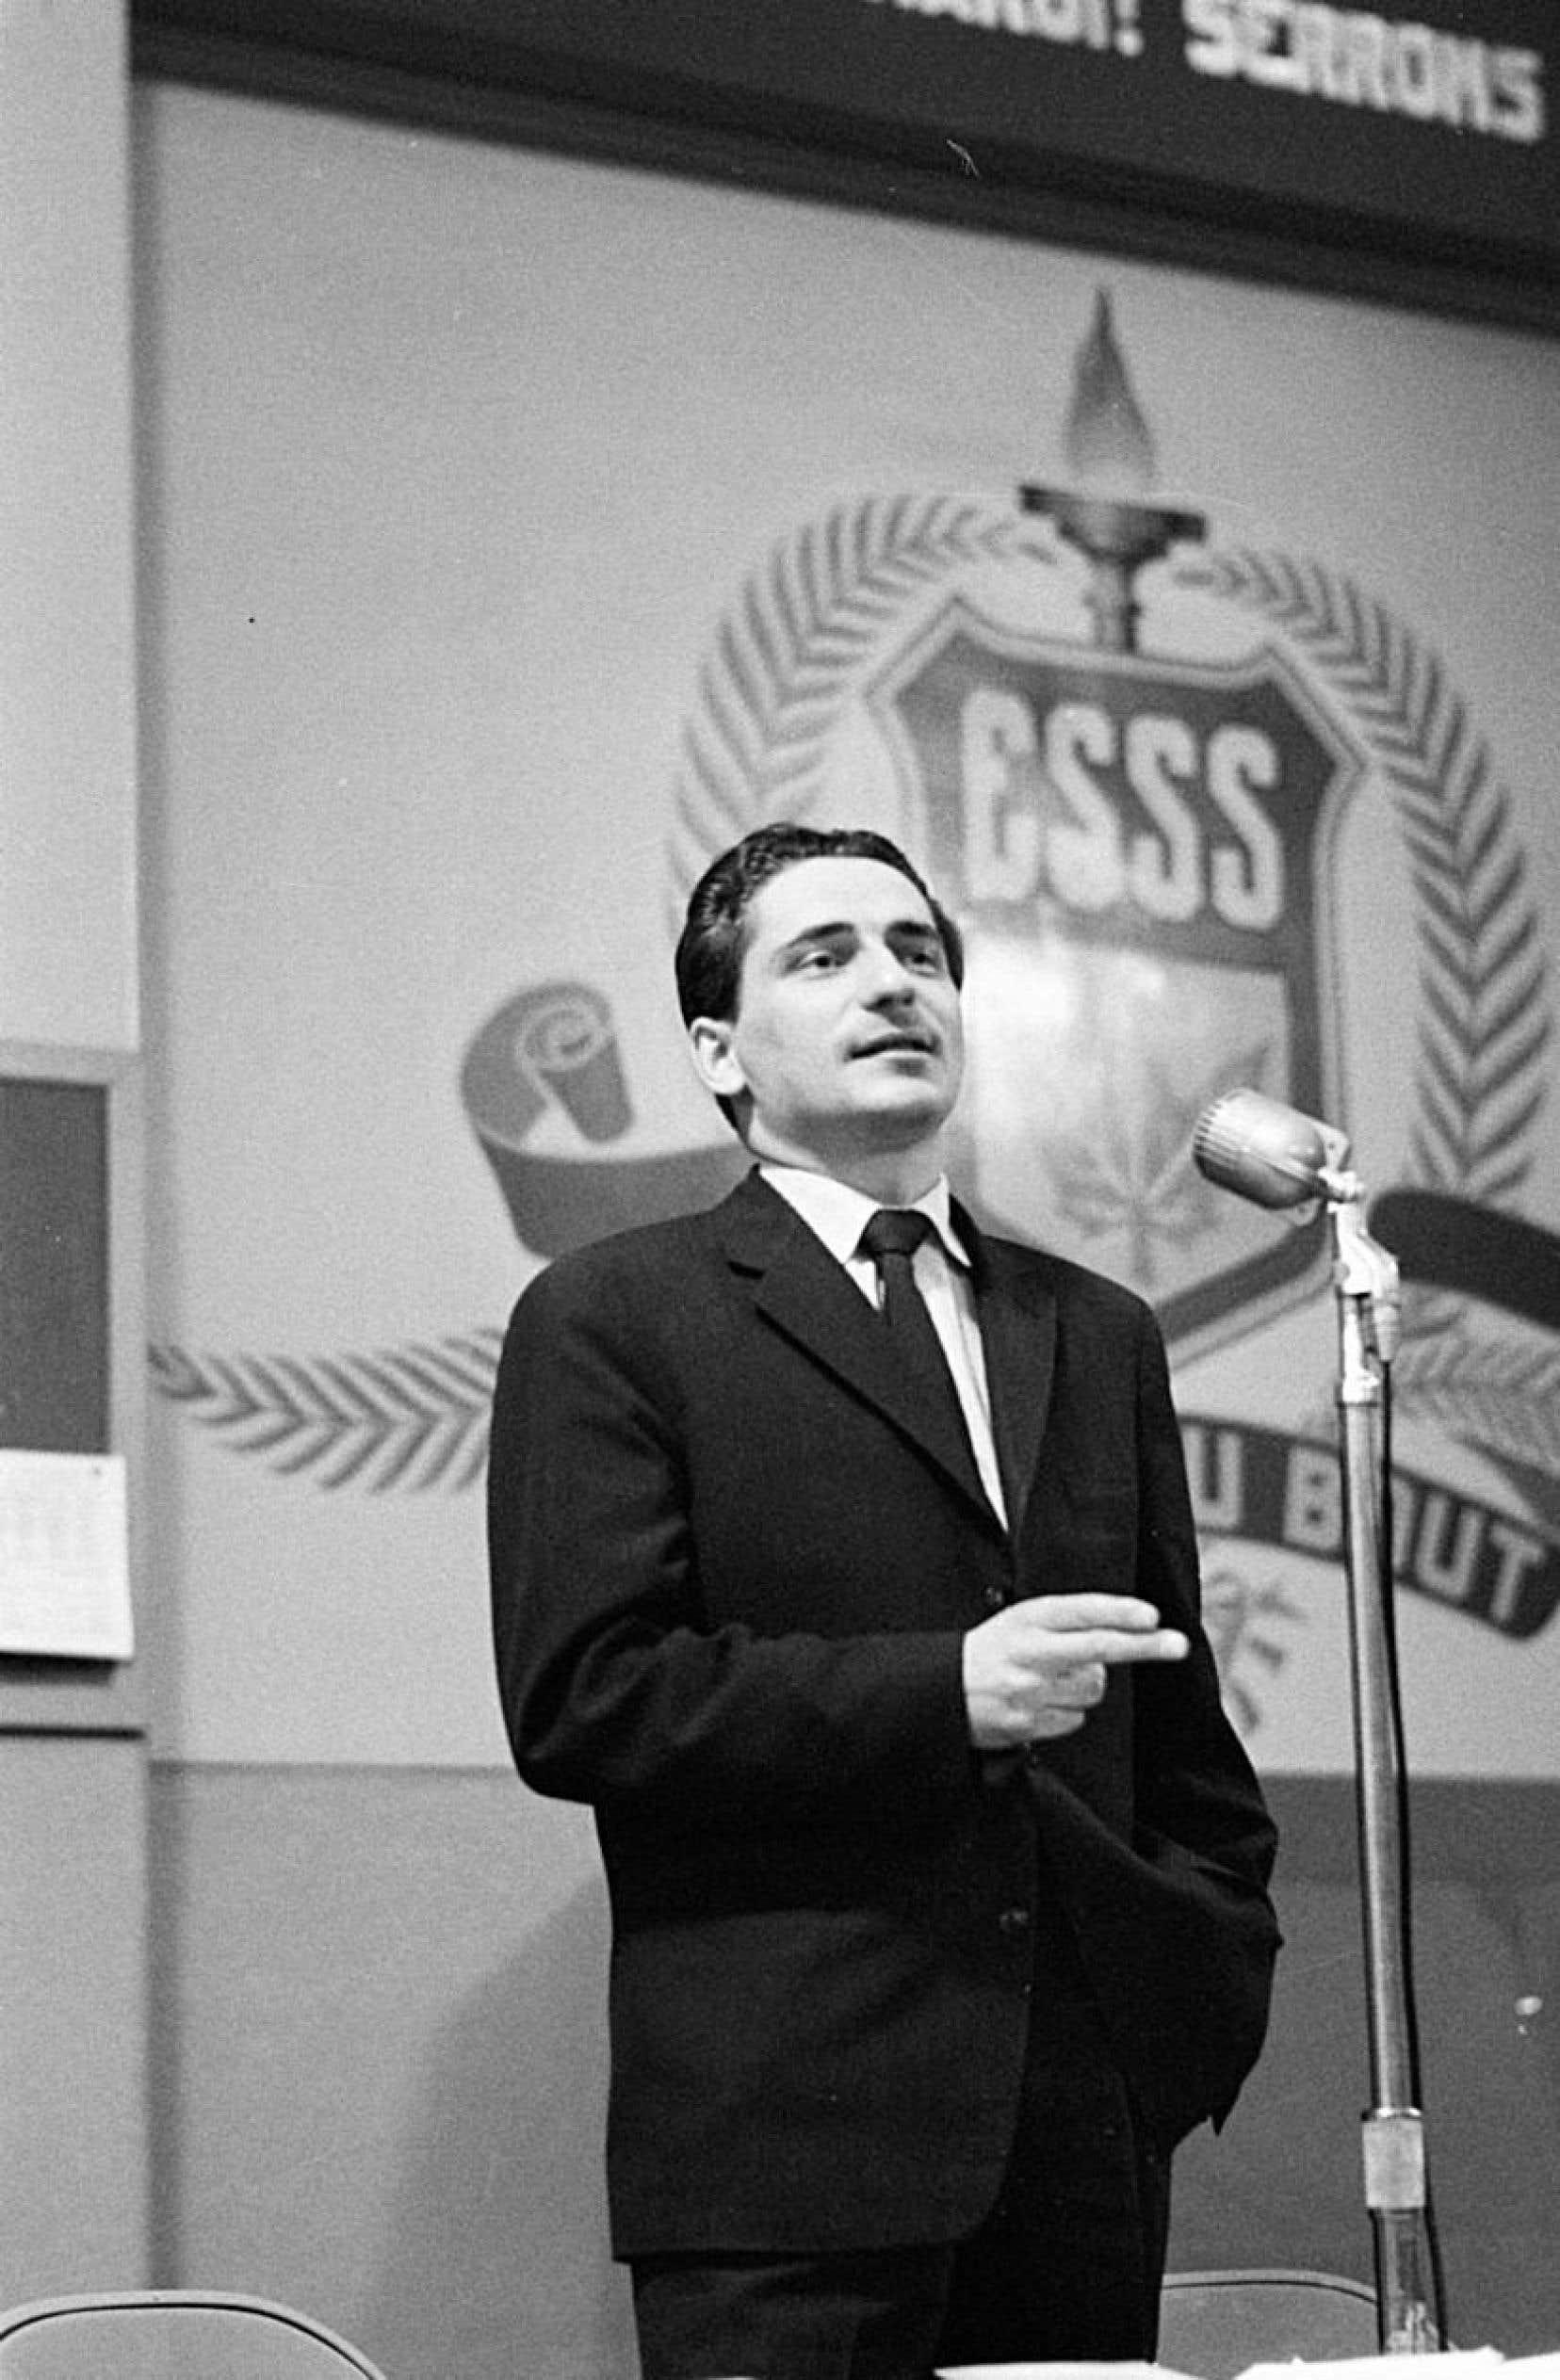 L'écrivain Hubert Aquin, photographié par Antoine Désilets dans les années 1960.